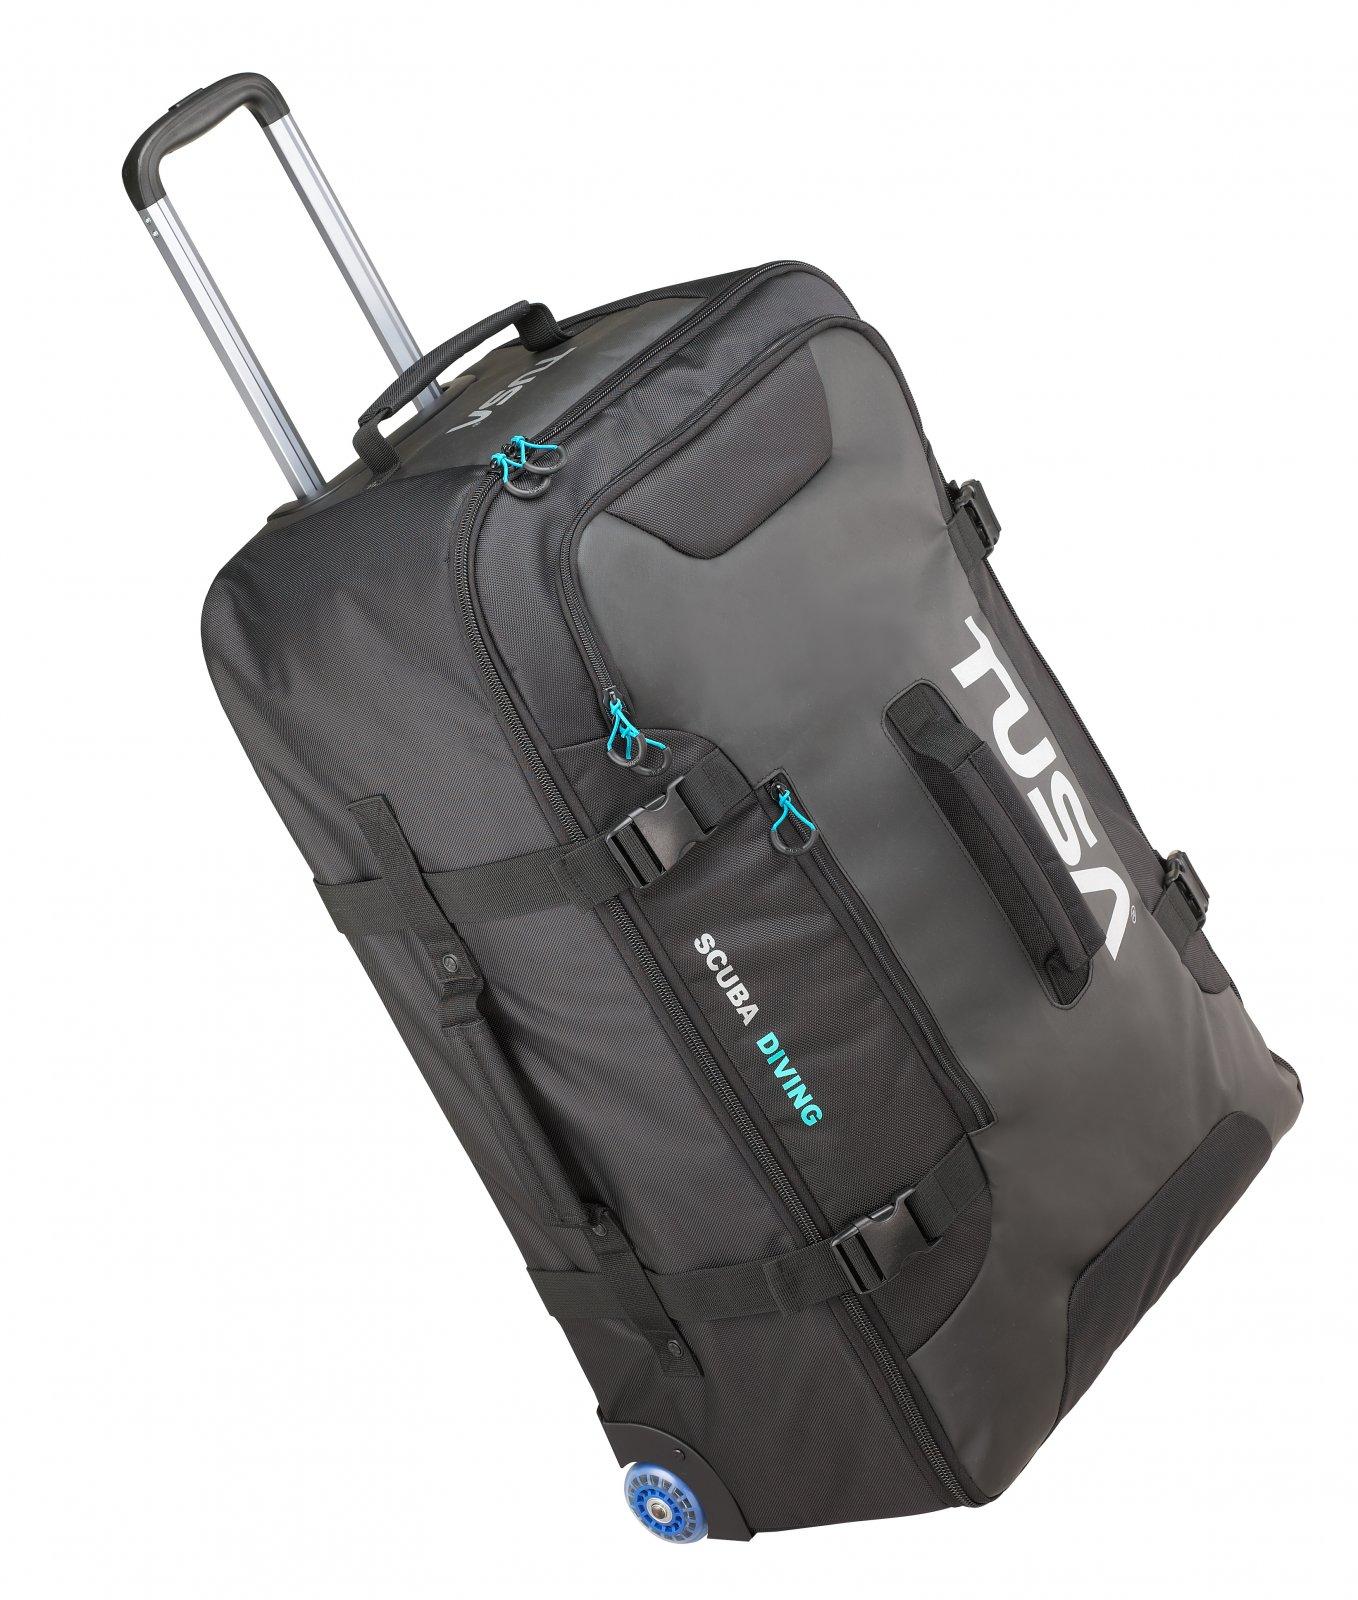 TUSA Roller Bag - Large